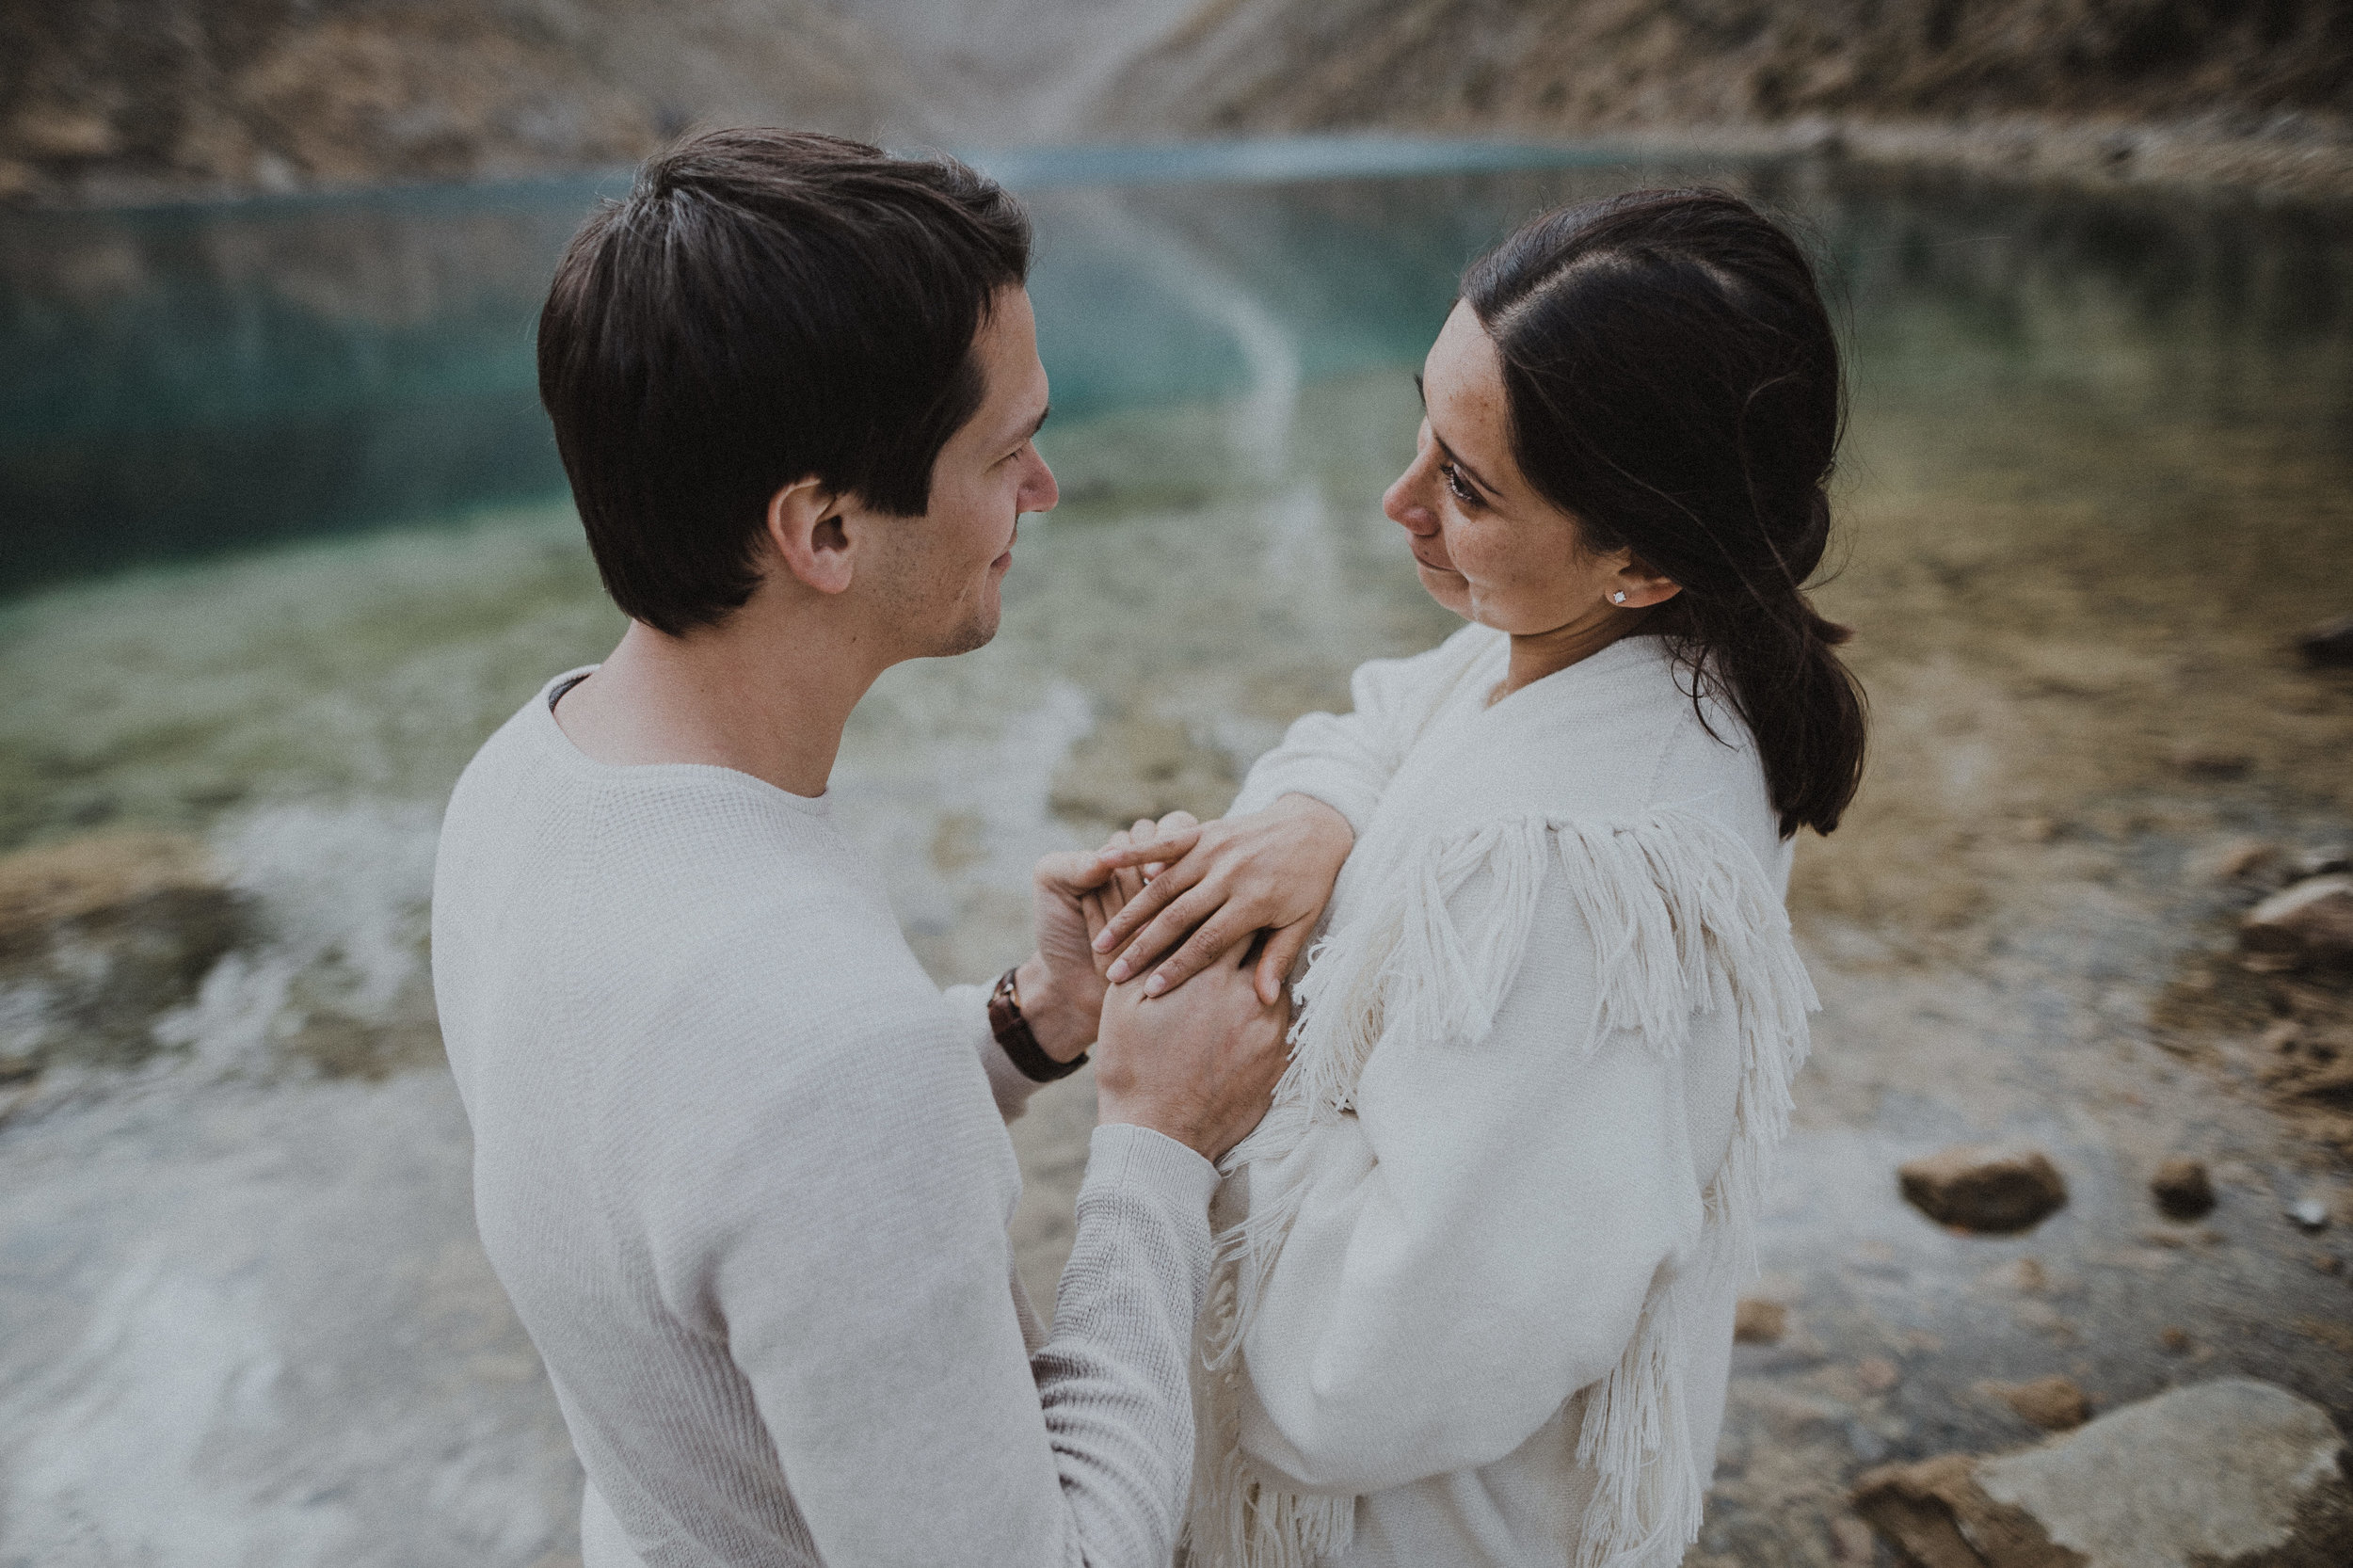 Fotografo de bodas españa serafin castillo wedding photographer spain 994.jpg